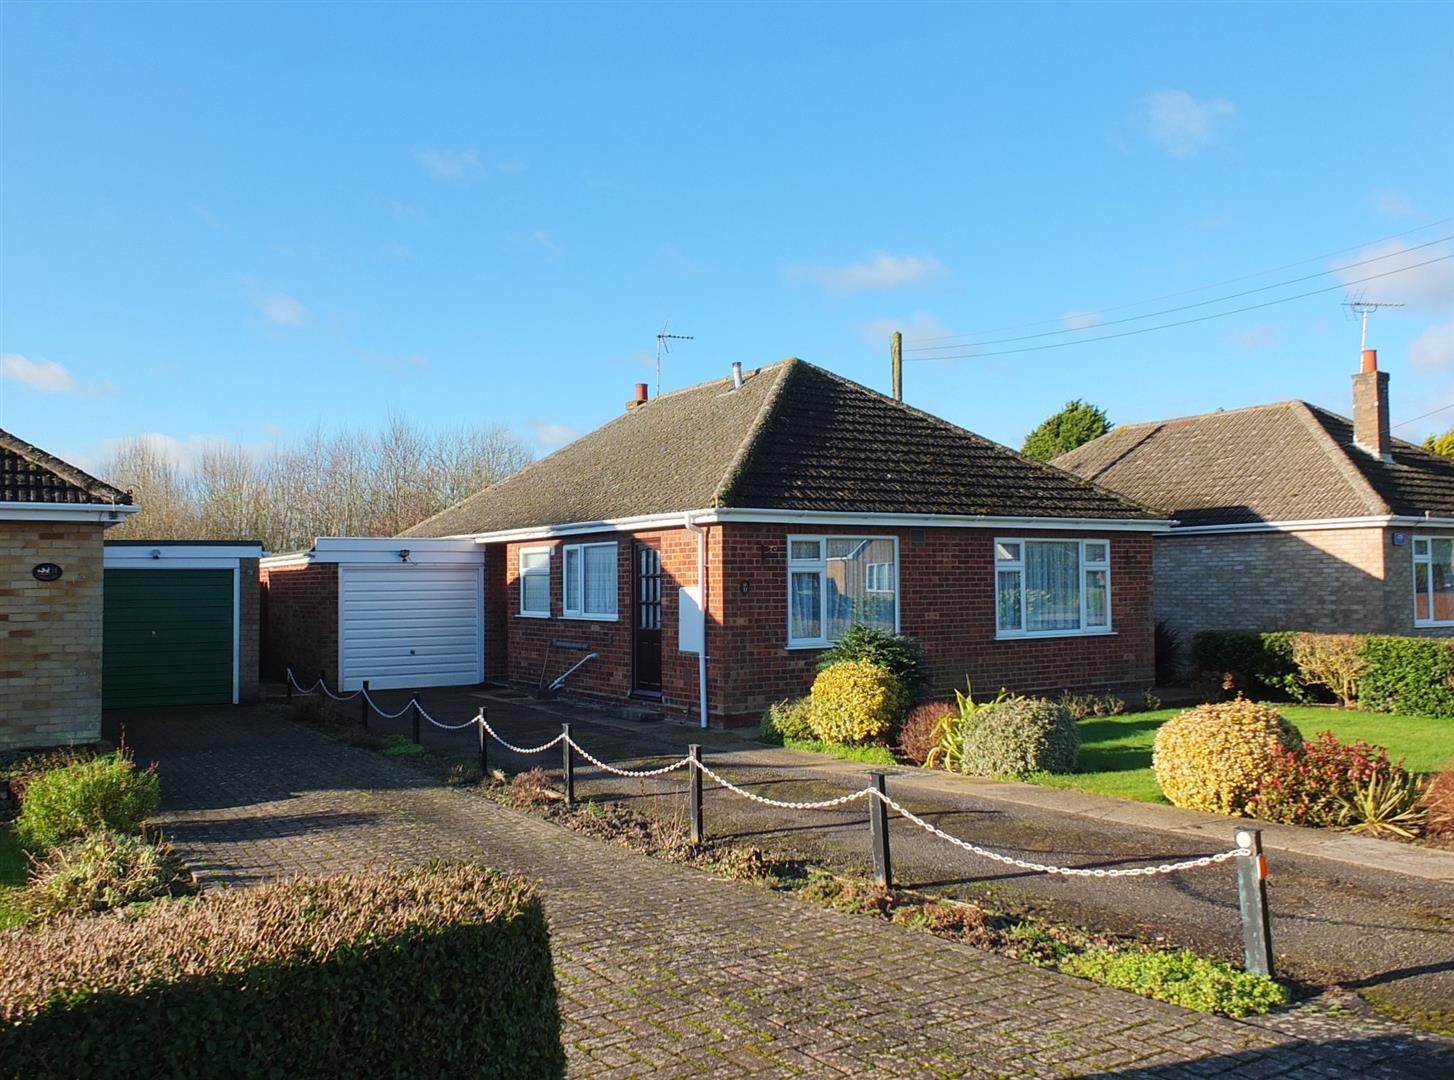 3 bed detached bungalow for sale in Long Sutton Spalding, PE12 9BT, PE12